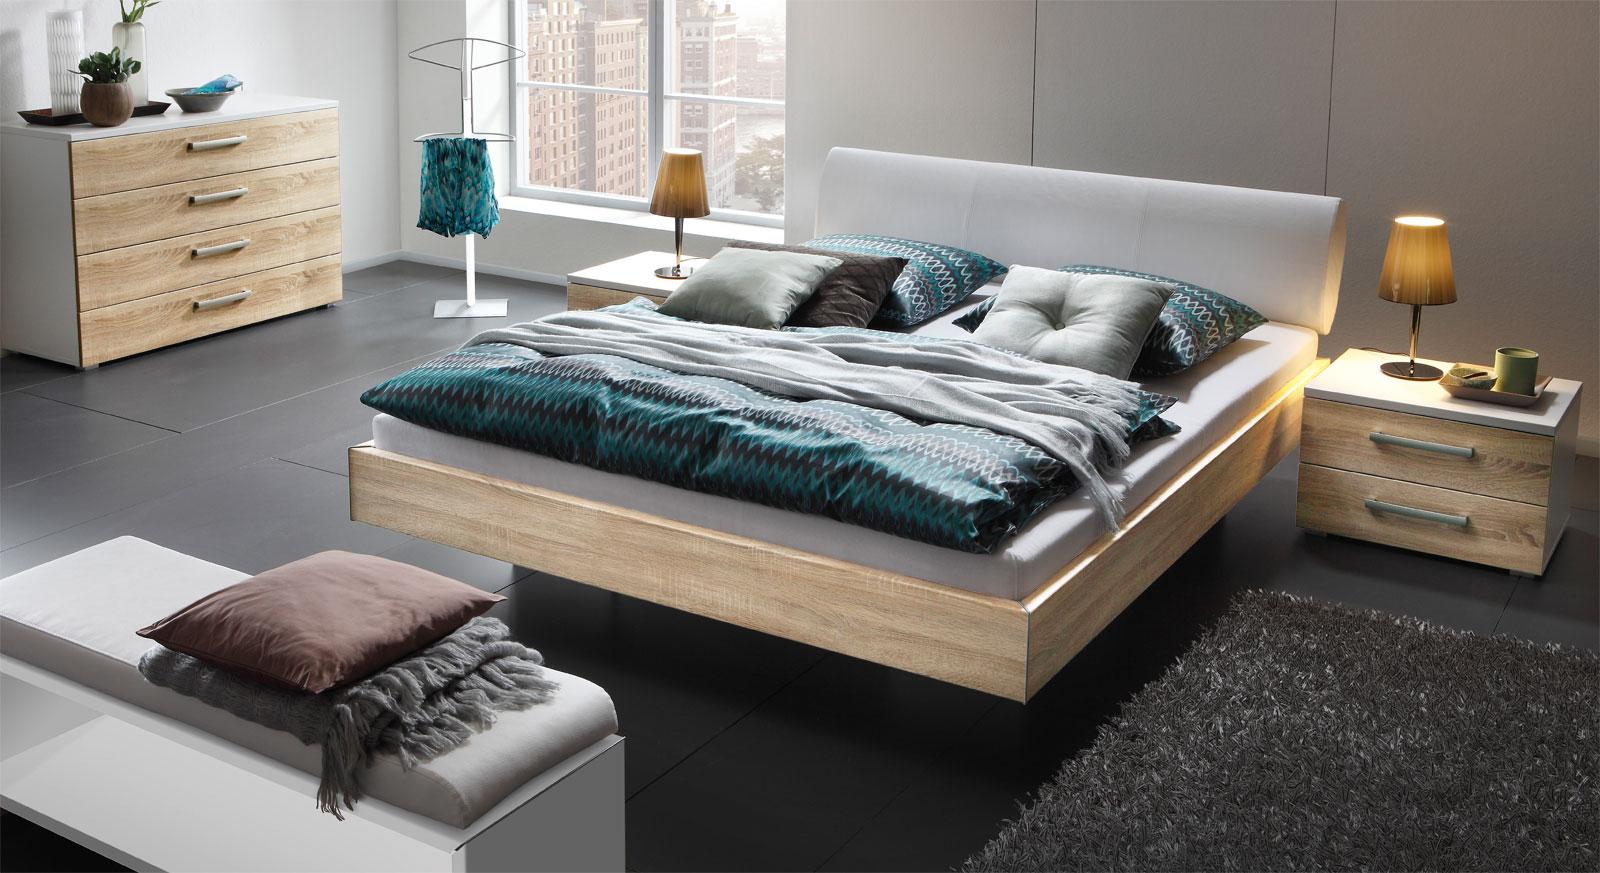 bettgestell samt kunstleder kopfteil und dekor cesena. Black Bedroom Furniture Sets. Home Design Ideas